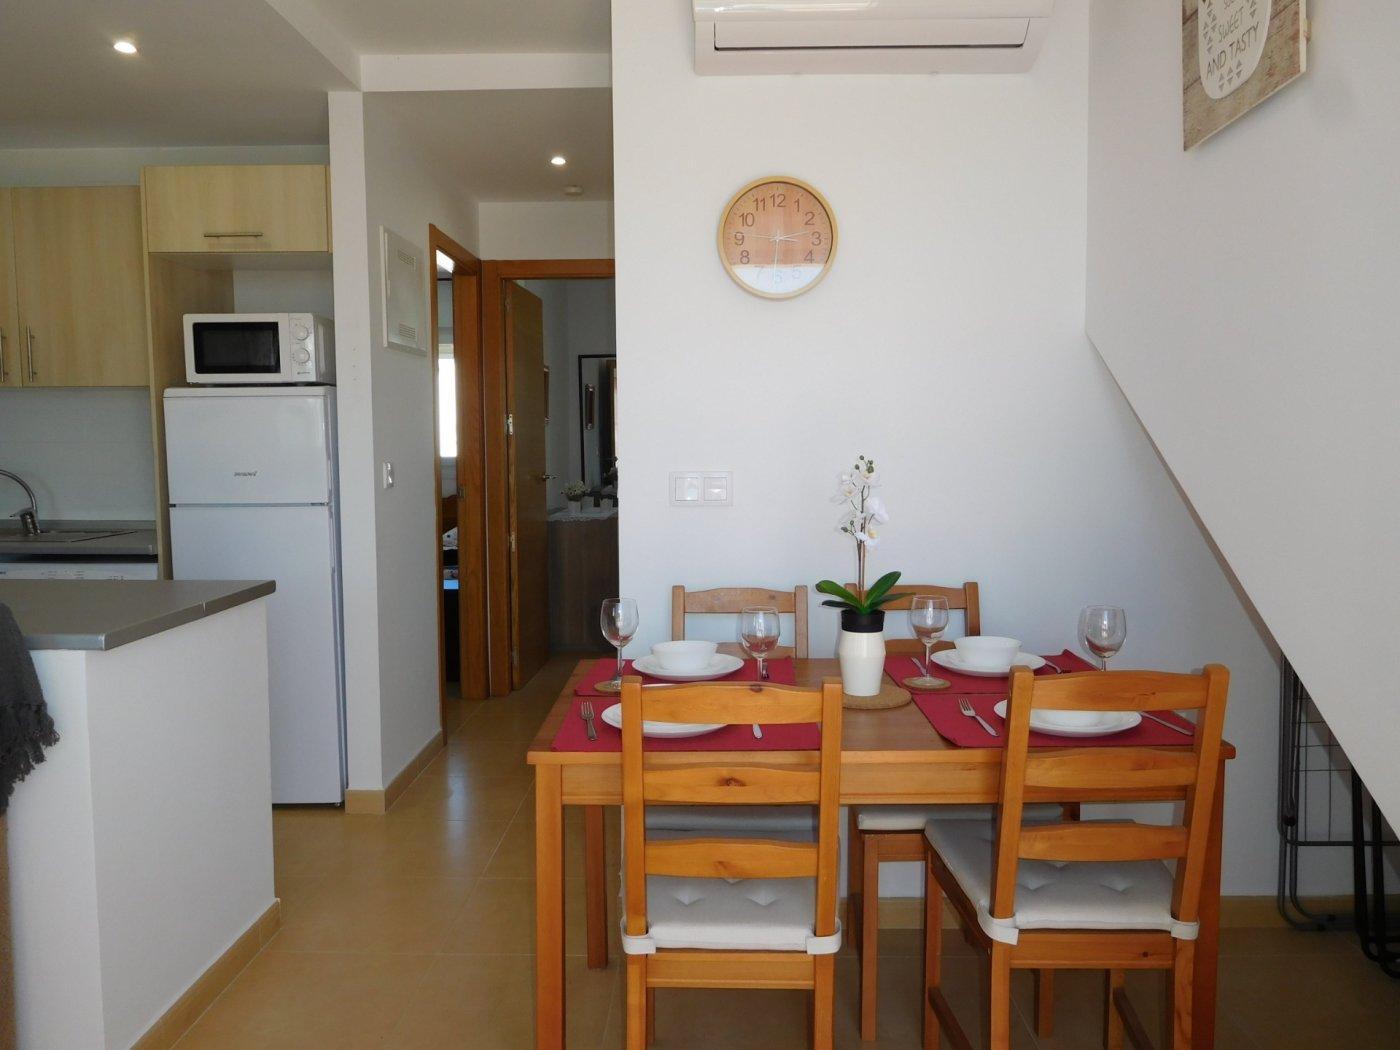 Image 6 Apartment ref 3265-03302 for rent in Condado De Alhama Spain - Quality Homes Costa Cálida